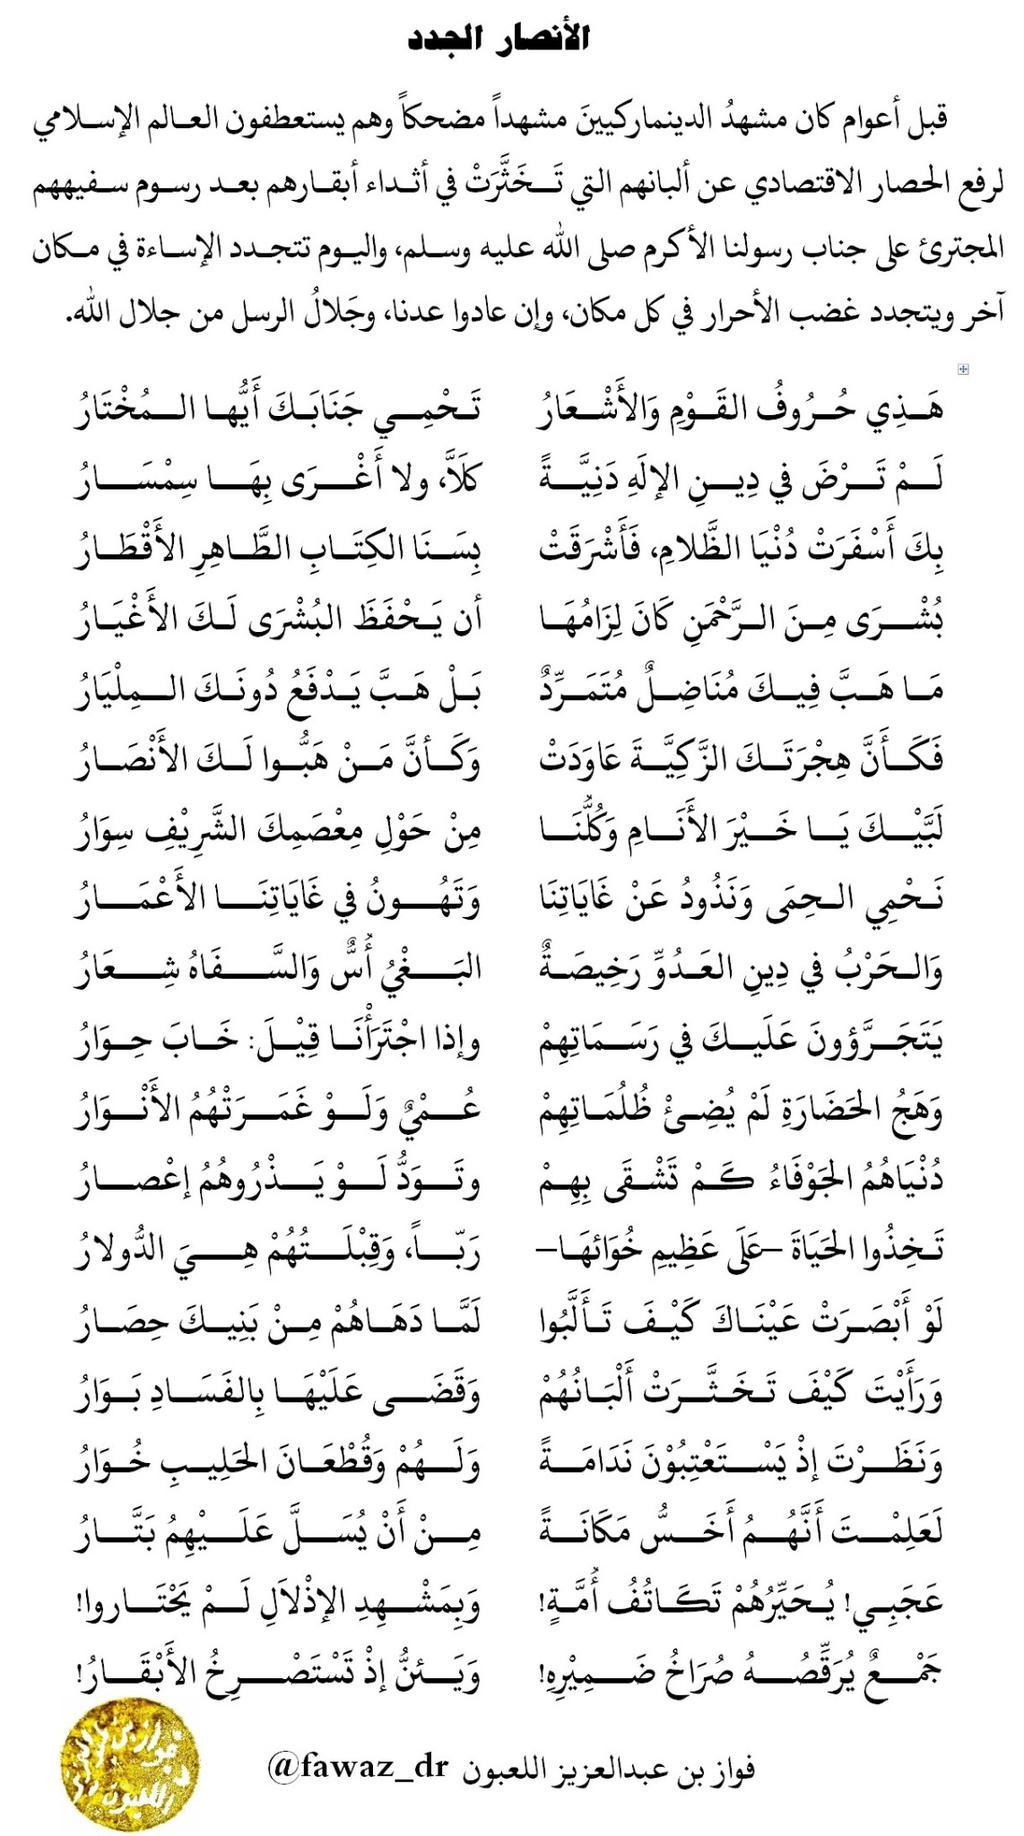 مشاعر وكلمات فواز بن عبد العزيز اللعبون في نبيّ الهُدى والرحمة والقوة